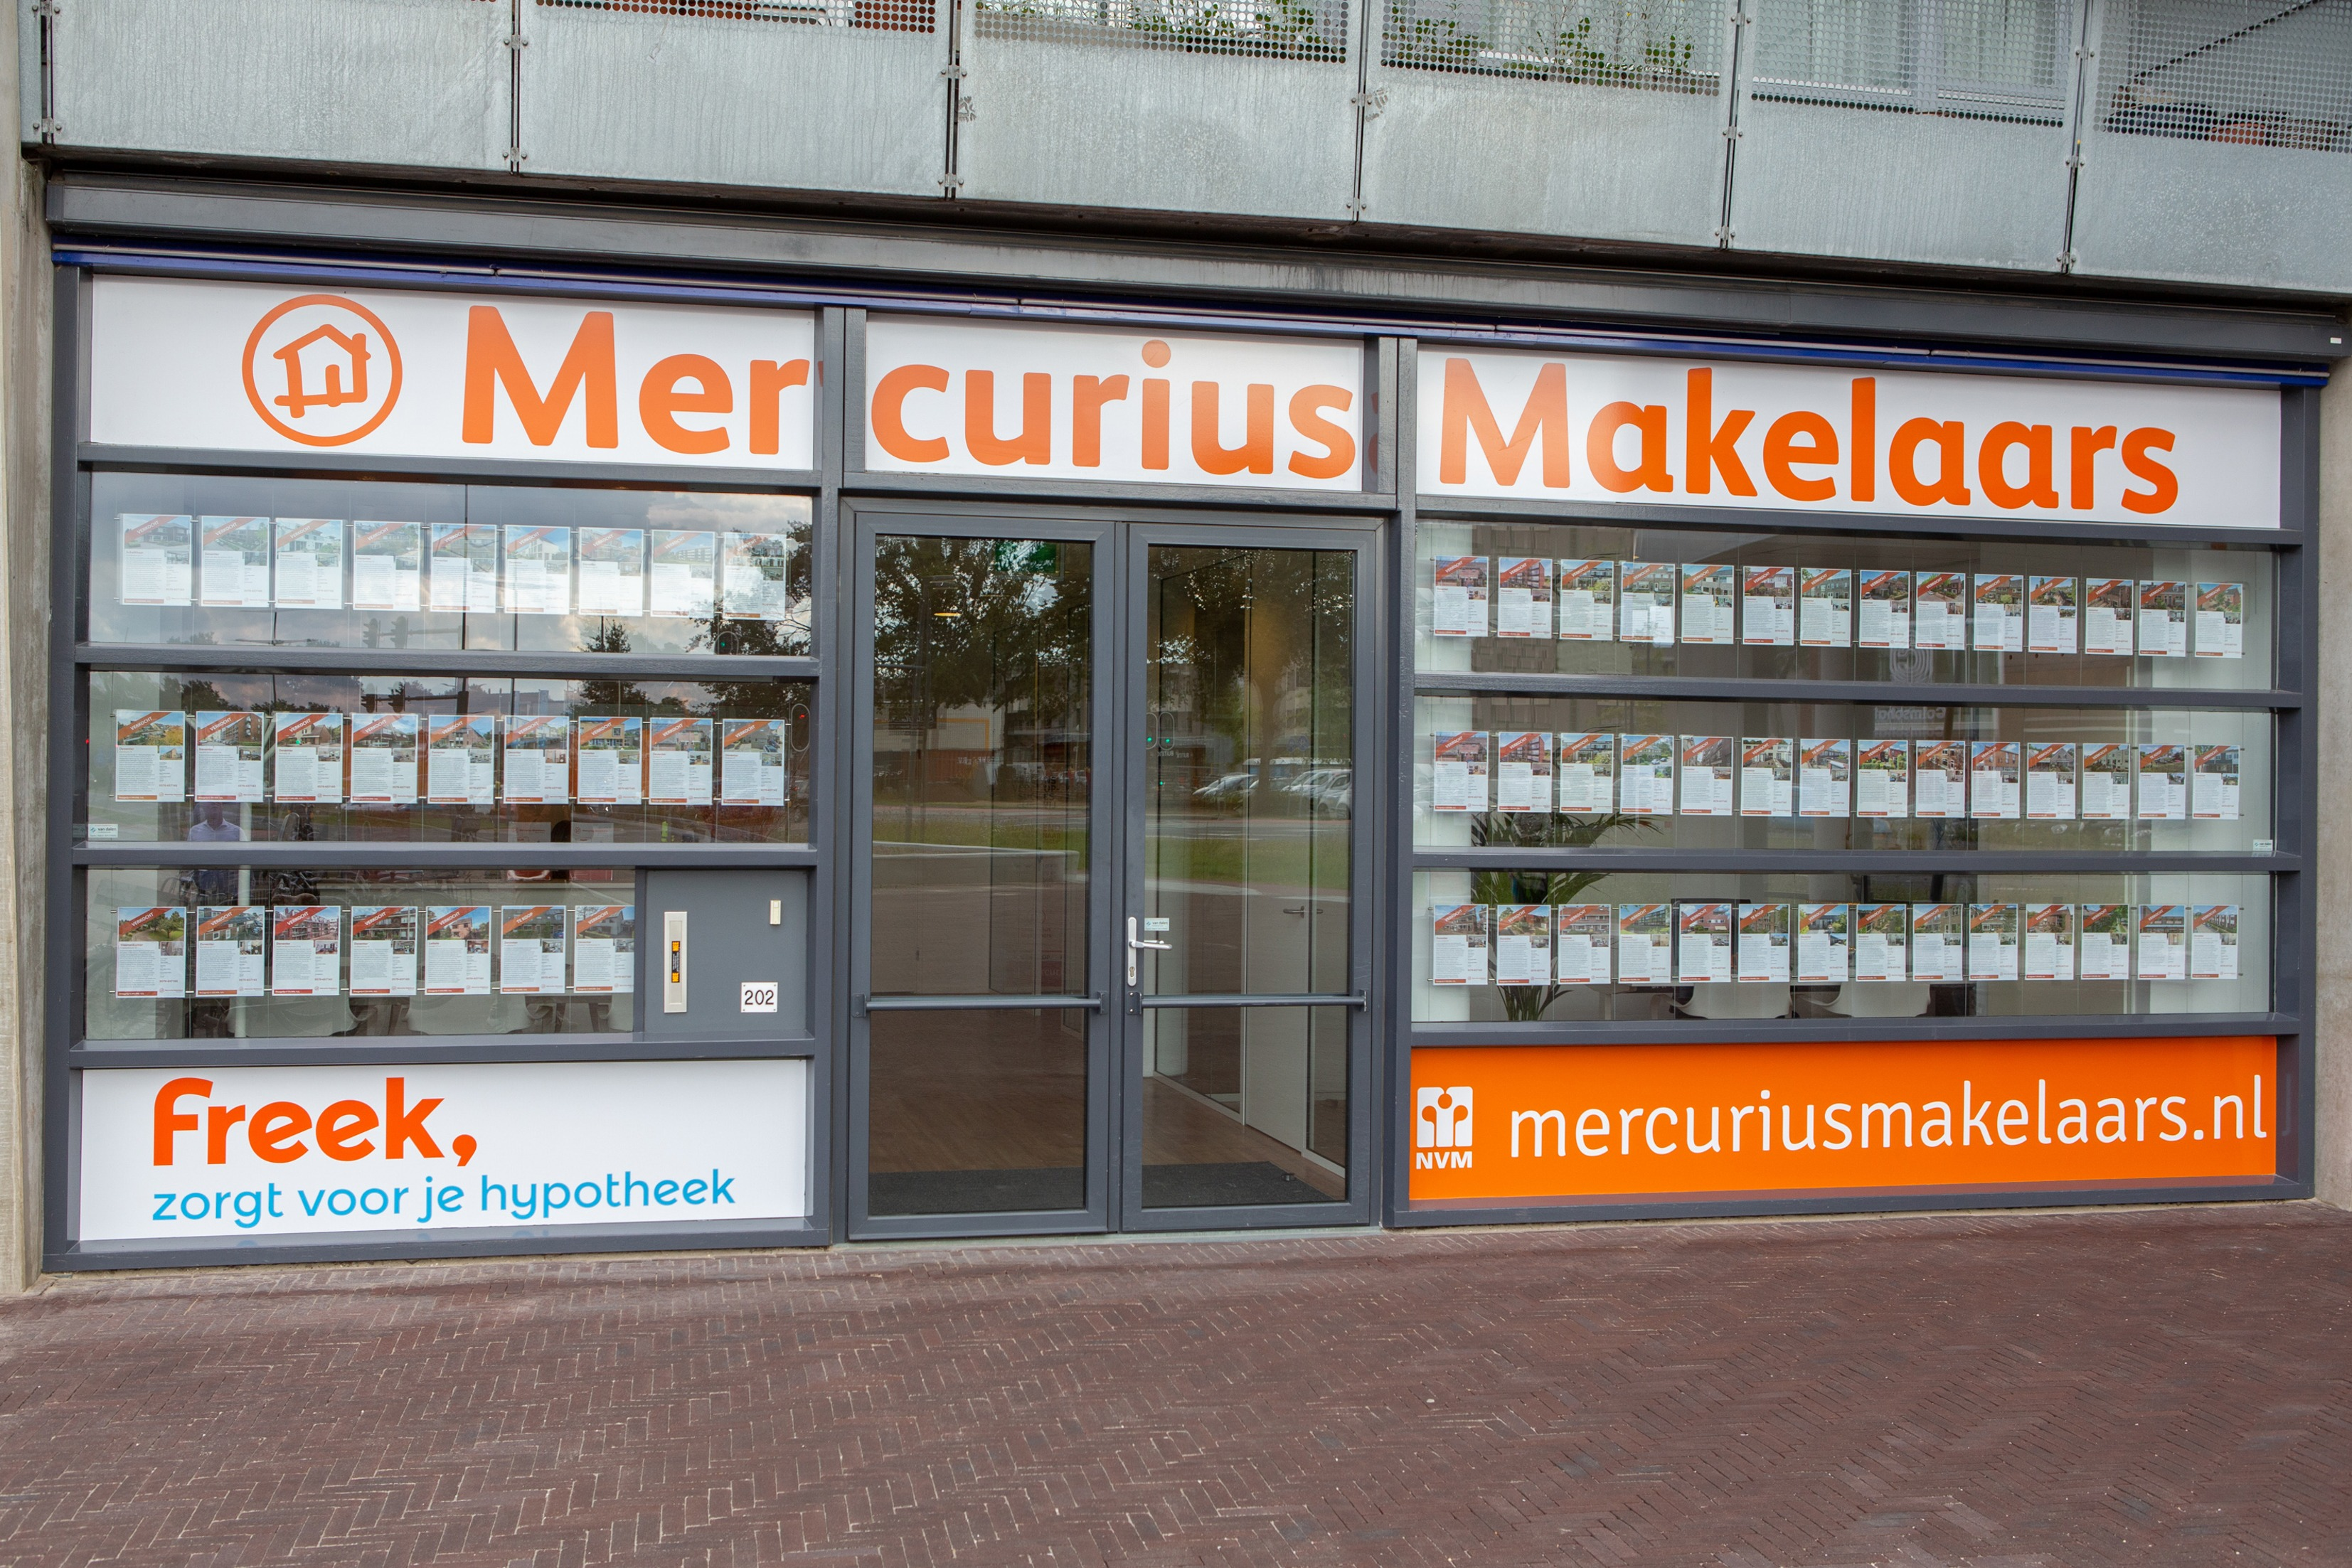 Mercurius Makelaars, de meest actieve makelaar in Deventer